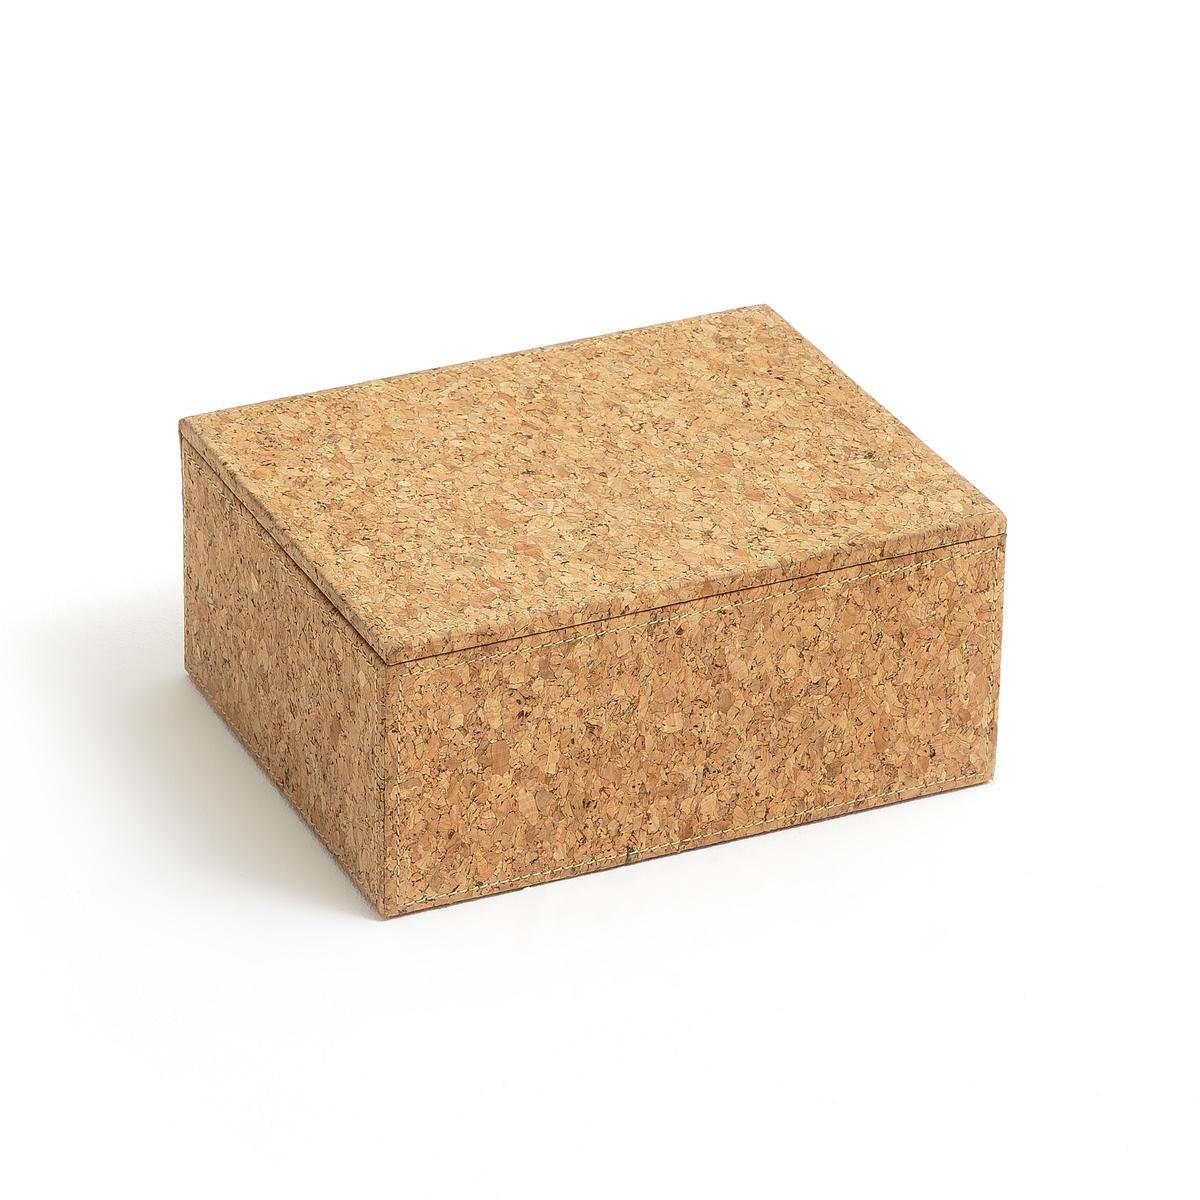 Коробка для храненияОписание:Коробка для хранения. Из натурального материала, его форма идеально подходит для хранения ваших документов, украшений и аксессуаров.Характеристики коробки :Коробка из пробкиПрямоугольная формаКаркас из картонаВнутренняя подкладка из плетеного полиэстераРазмеры коробки :В.9,5 x 21 x 16 смРасцветка : Натуральная Размеры и вес упаковки:57 x 27 x 49 см, 6 кг<br><br>Цвет: серо-бежевый